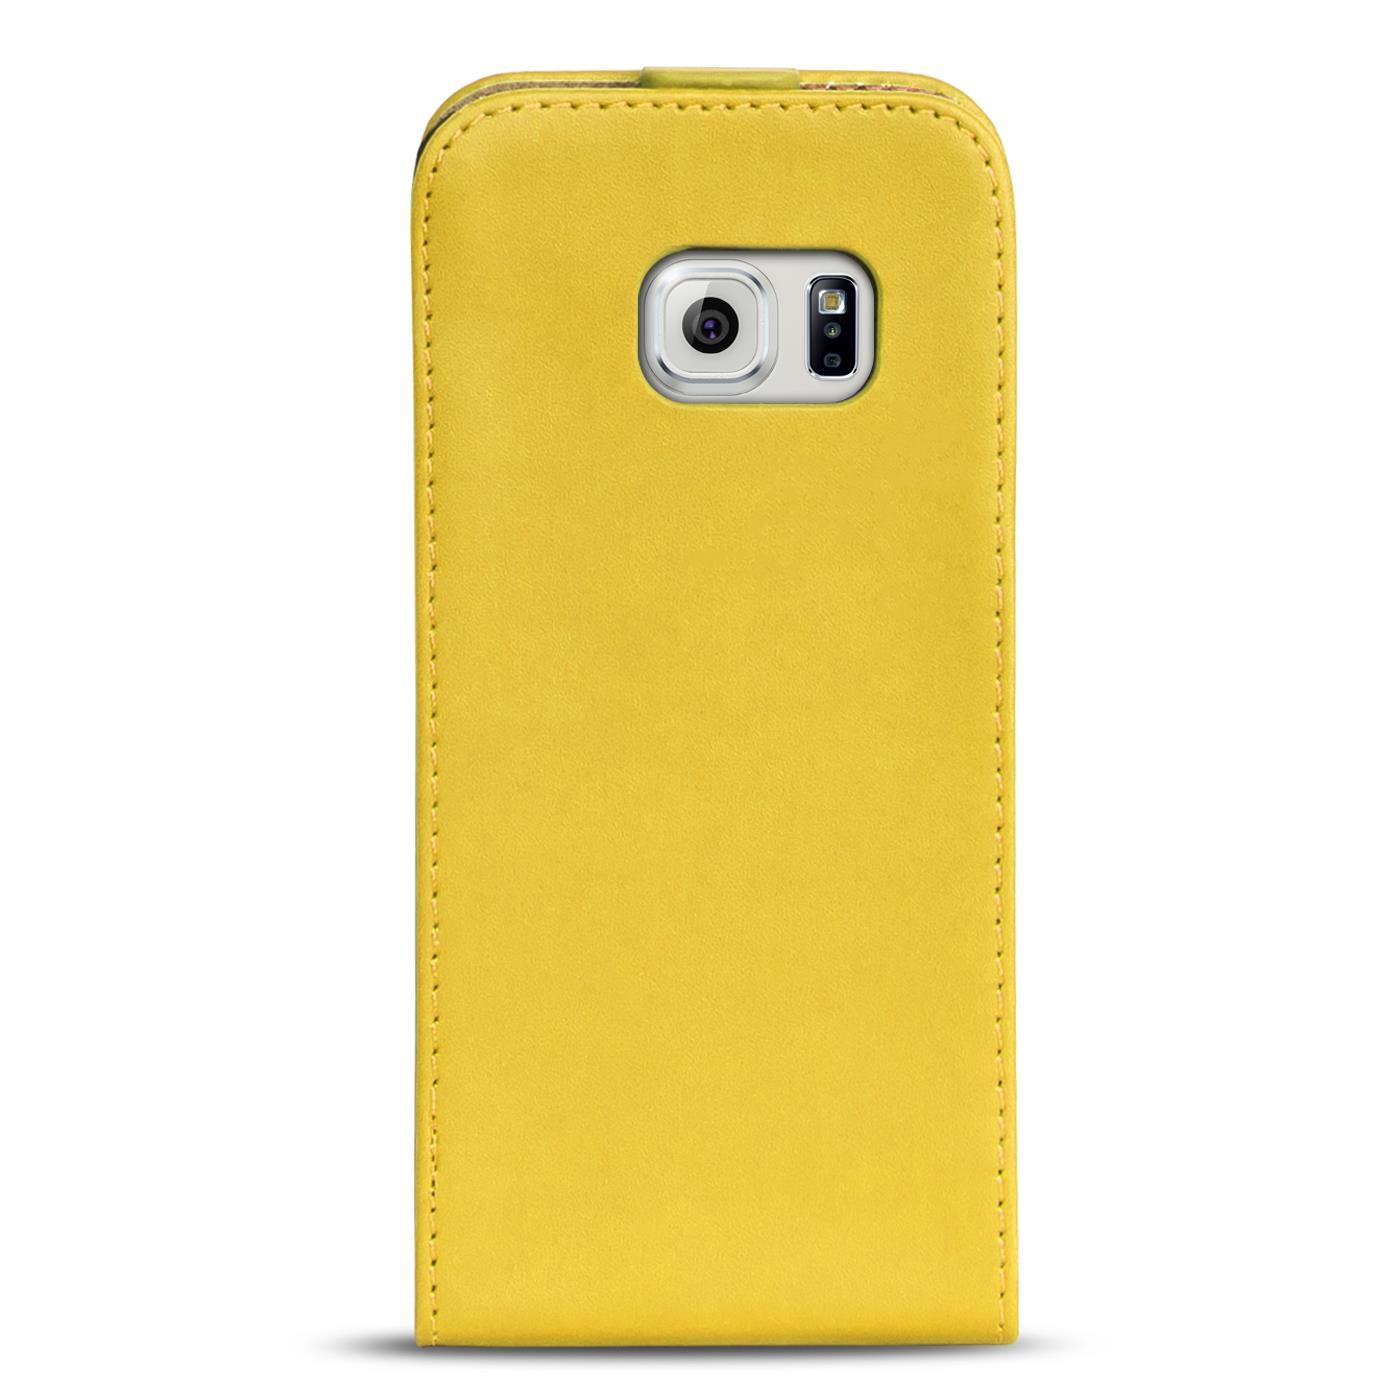 Klapphuelle-Samsung-Galaxy-Flip-Case-Tasche-Schutzhuelle-Cover-Schutz-Handy-Huelle Indexbild 45